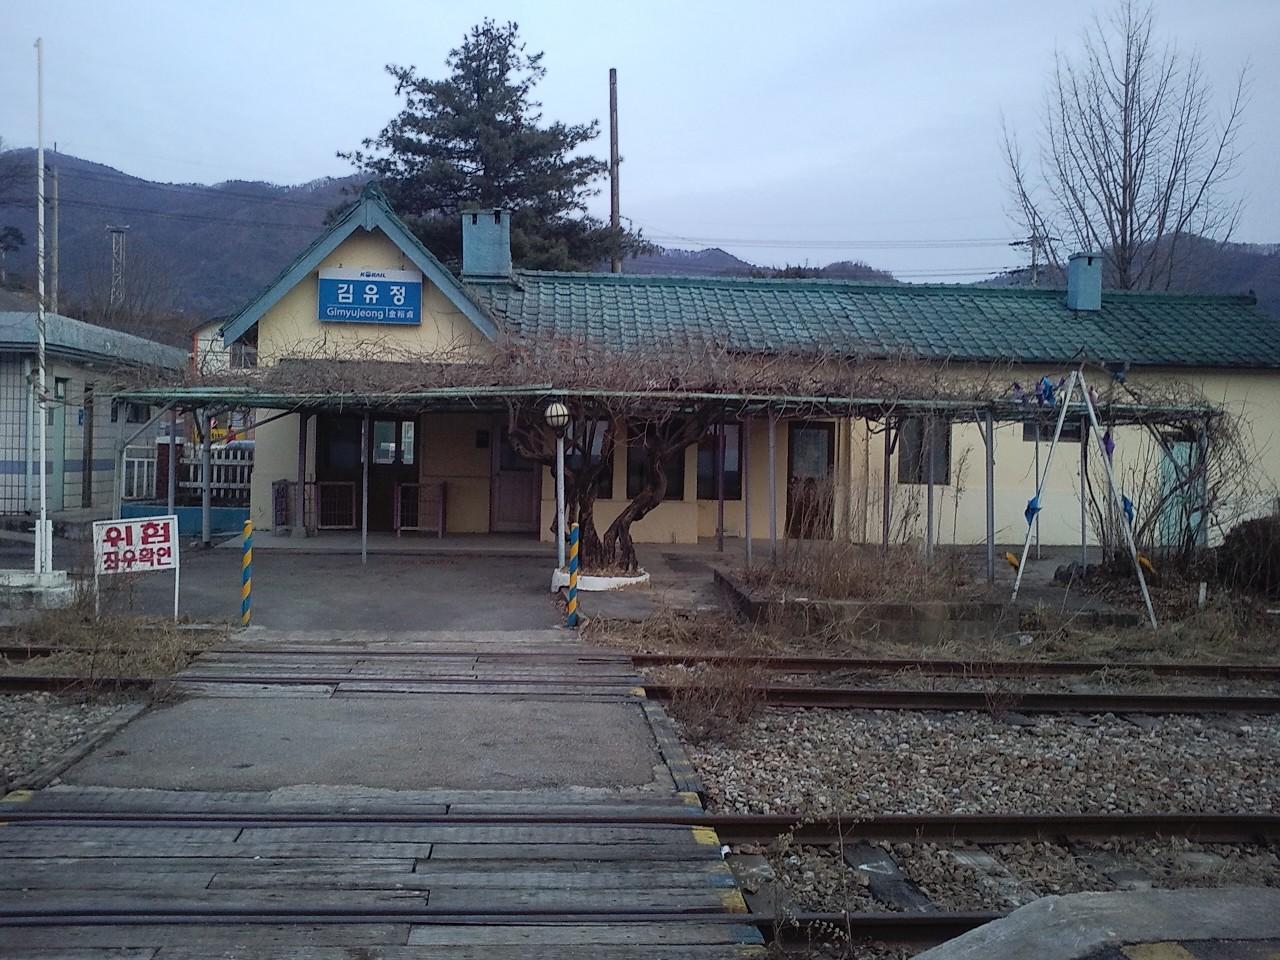 춘천 김유정역에서 레일바이크를 즐길 수도 있고, 김유정문학촌을 둘러보고 책과인쇄박물관을 둘러볼 수도 있다. 사진은 구 김유정역.